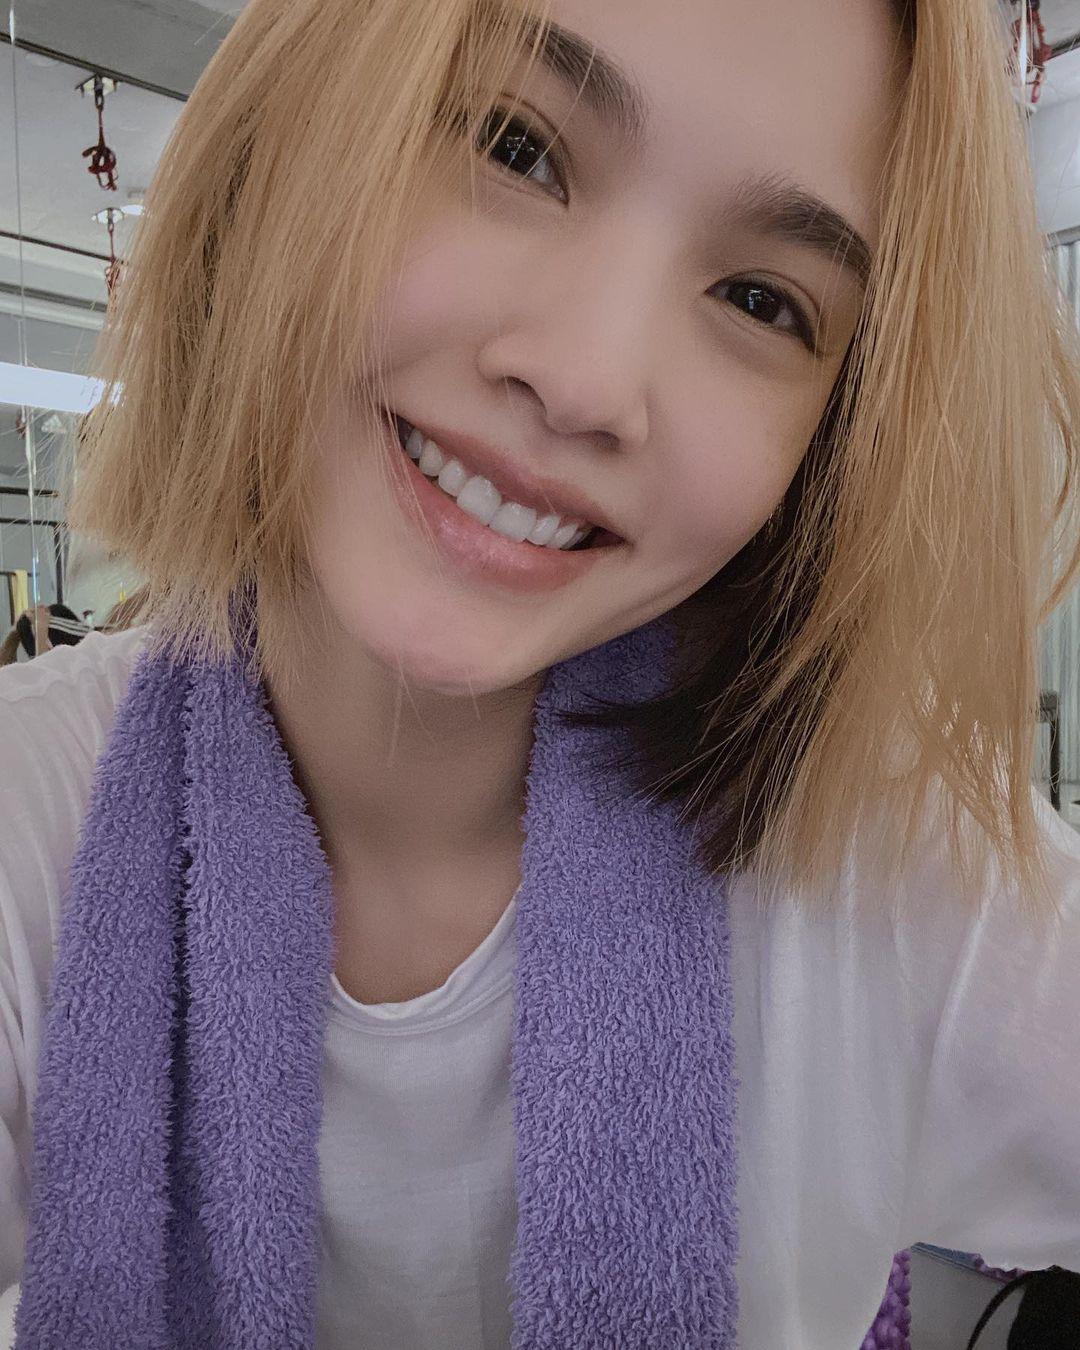 Dương Thừa Lâm debut gần 20 năm rồi mà visual vẫn như gái 20, hoá ra là nhờ 6 bí quyết mà chị em hay bỏ qua - Ảnh 4.